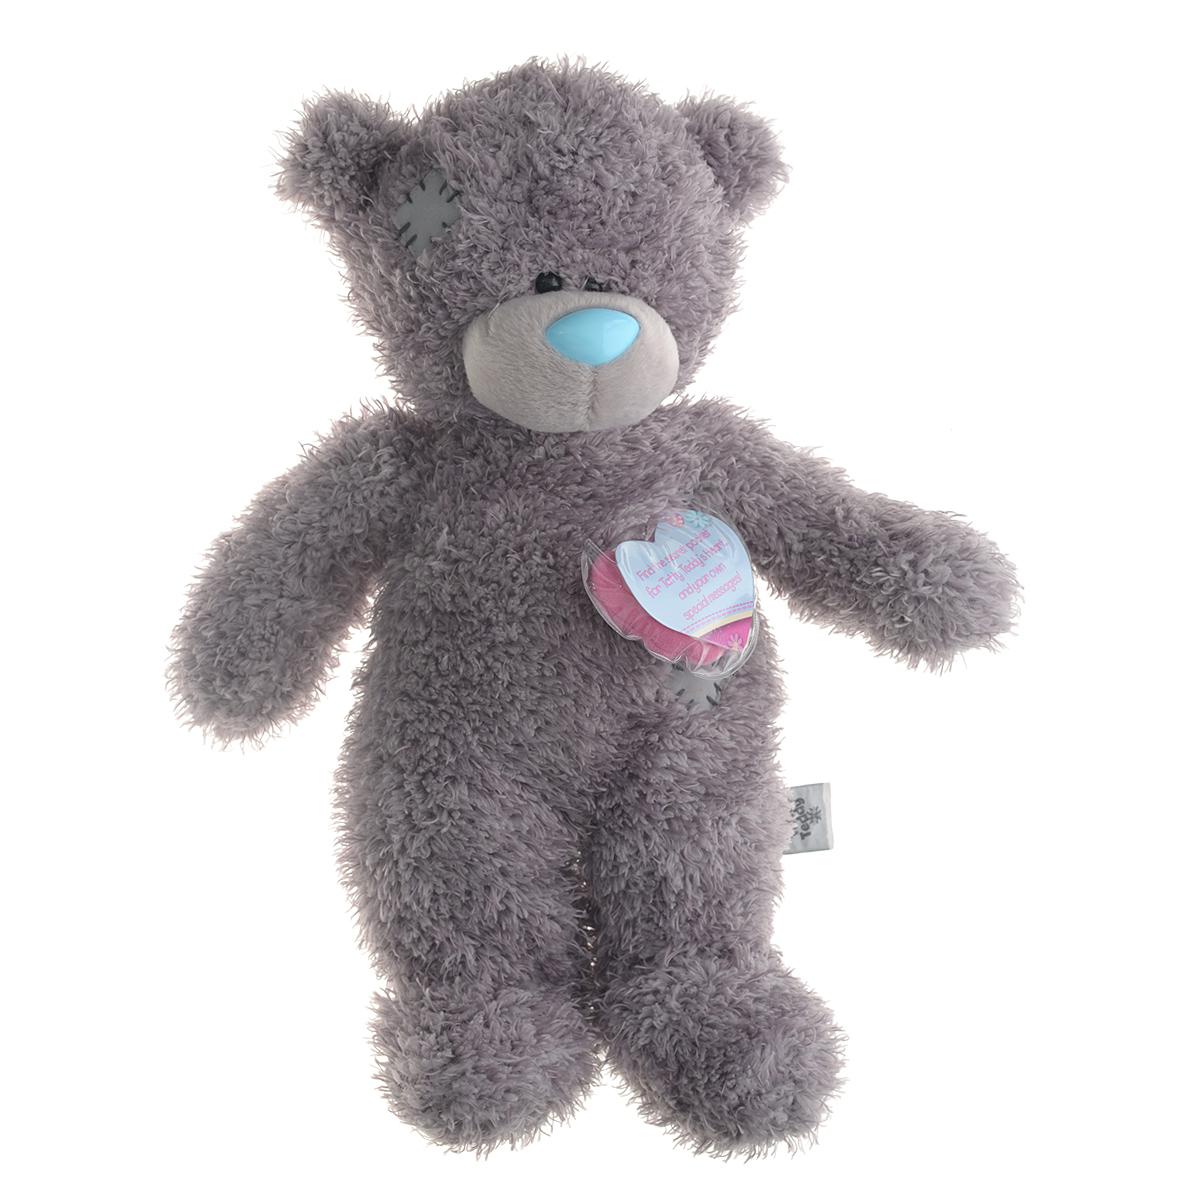 Me to You Мягкая игрушка Мишка Тедди, 24 смG01Q6079Очаровательная мягкая игрушка Me to You Мишка Тедди привлечет внимание любого ребенка. Она выполнена в виде трогательного медвежонка из приятного на ощупь материала. Глазки и носик выполнены из пластика. В комплект входят очаровательный голубой комбинезон, а также мягкое сердечко медвежонка, которое вставляется в специальное отверстие на спинке игрушки. Удивительно мягкая игрушка принесет радость и подарит своему обладателю мгновения нежных объятий и приятных воспоминаний. Долгая история Мишки Тедди создала целый культ в истории, про него снимали мультфильмы и фильмы, сочиняли сказки и песни, он был любимцем детей и взрослых множество лет и является им сейчас. Нет лучшего подарка для ребенка или для девушки, чем Мишка Тедди от Me To You. Он способен выразить вашу любовь, заботу или дружбу. Он подарит огромное количество любви и ласки своему владельцу, как это делали миллионы других медведей Тедди до него. Это именно та игрушка, которая имеет свою неповторимую...